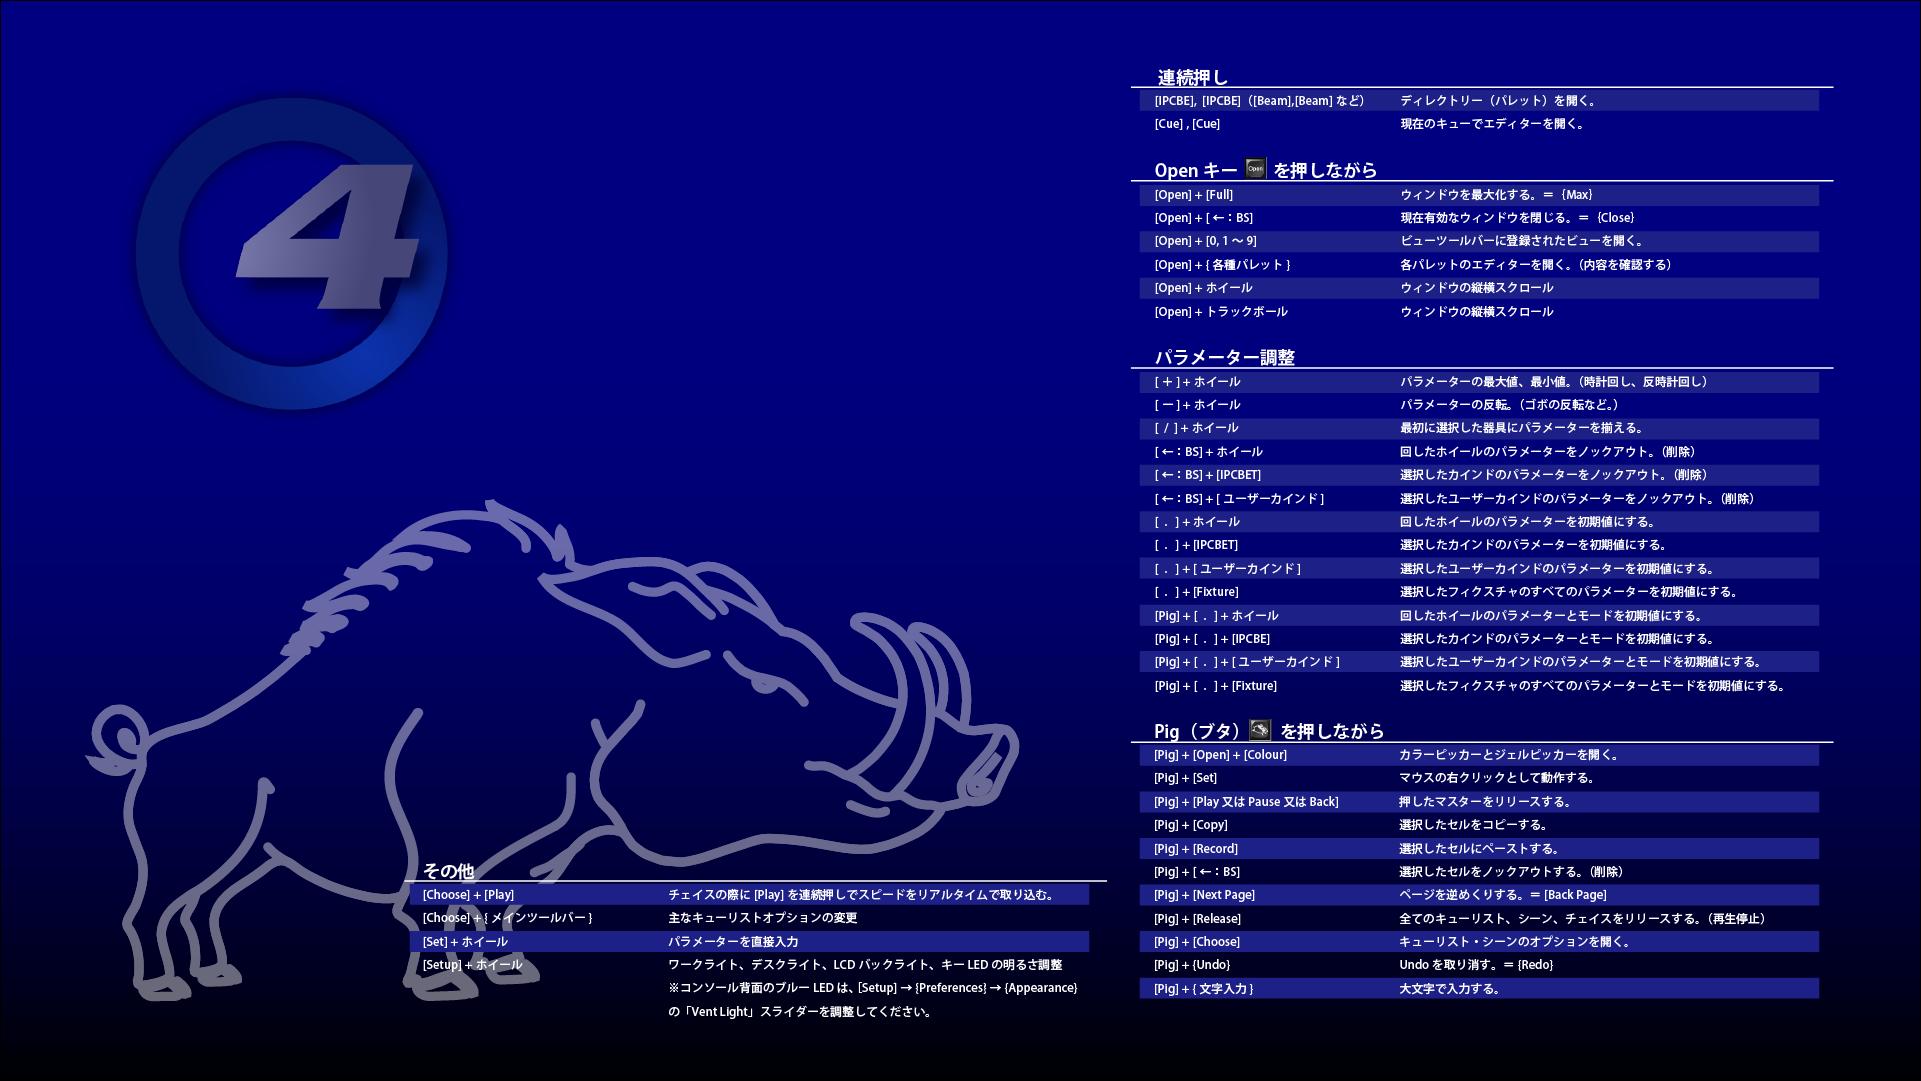 Hog4シリーズのショートカットキー ウシオライティングの営業サポートブログ